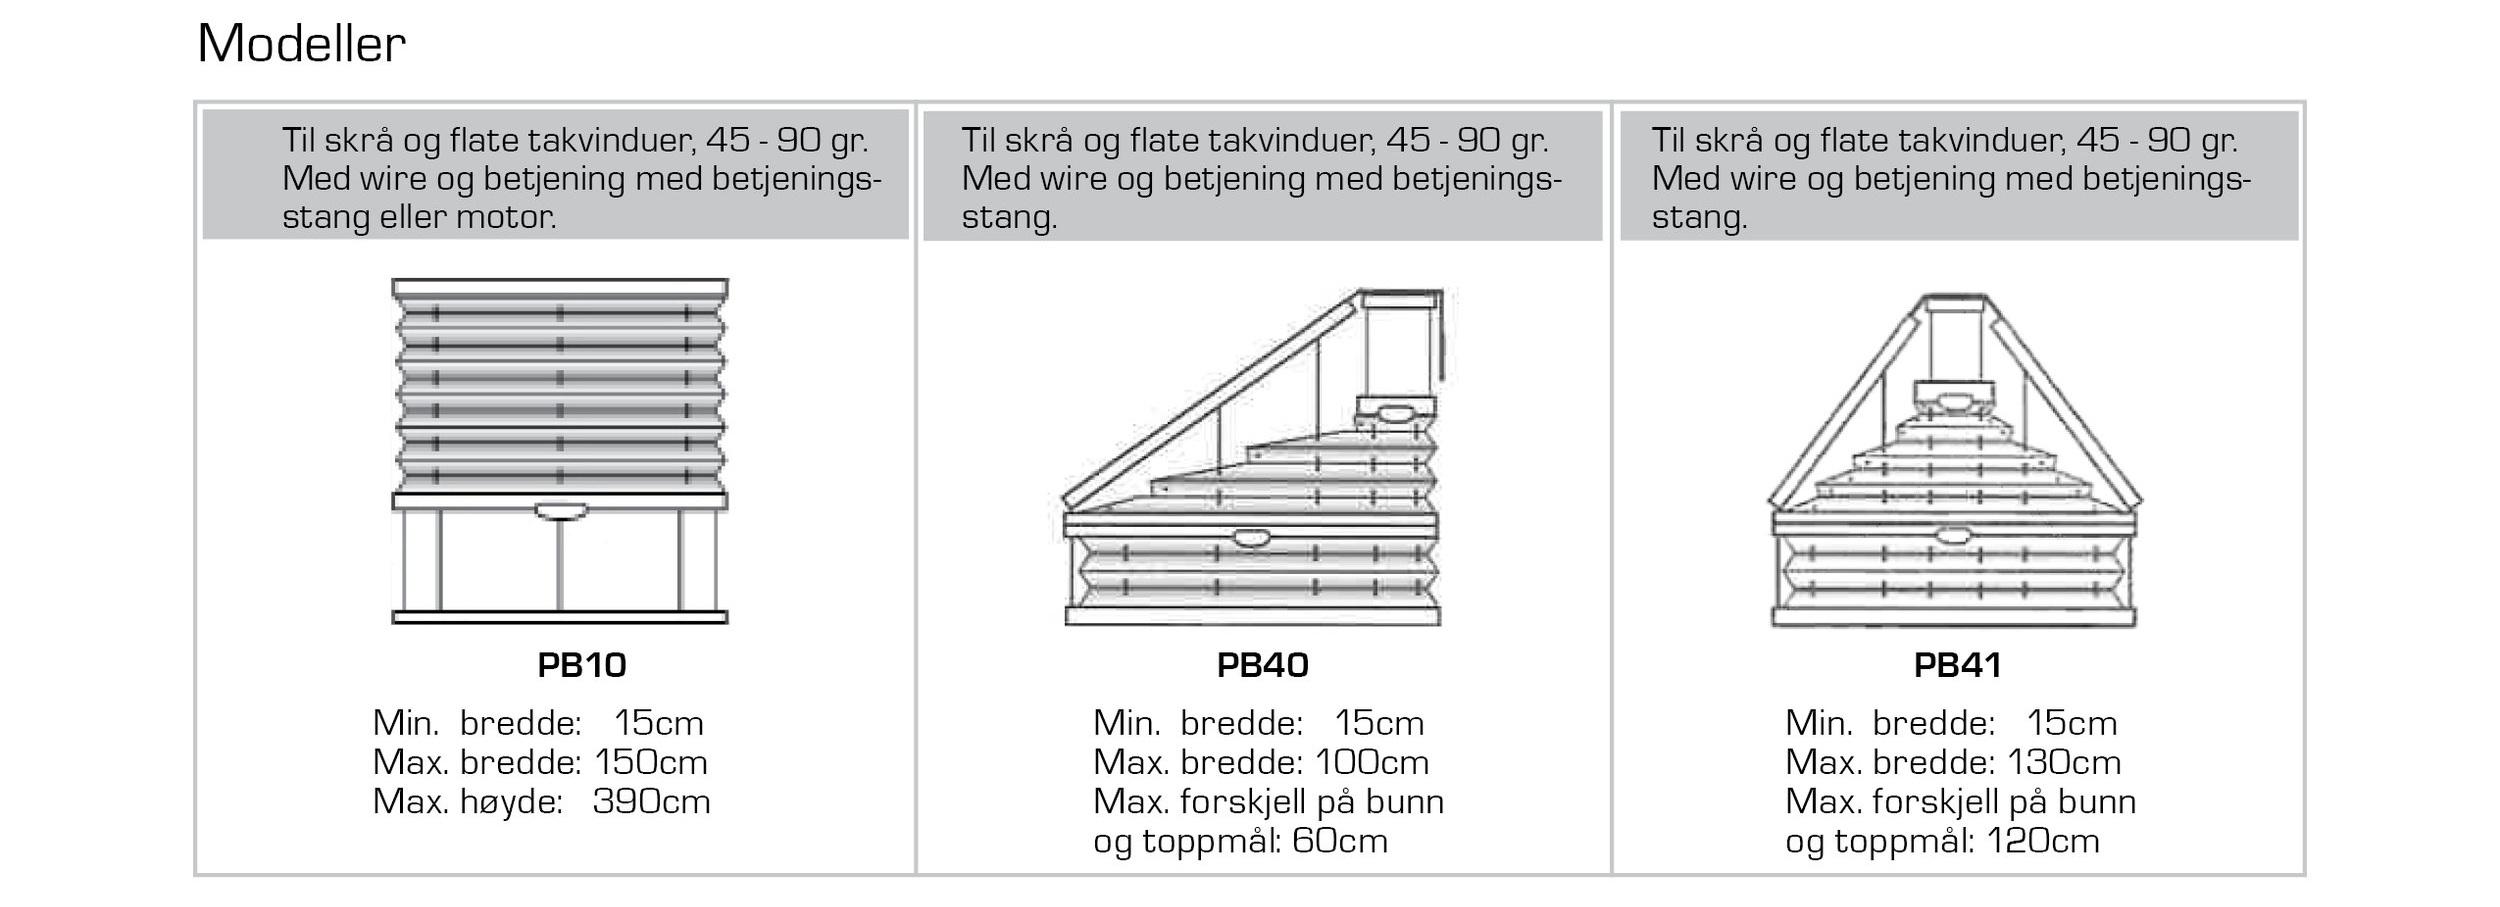 Plisse+Modellet+til+takvinduer.jpg